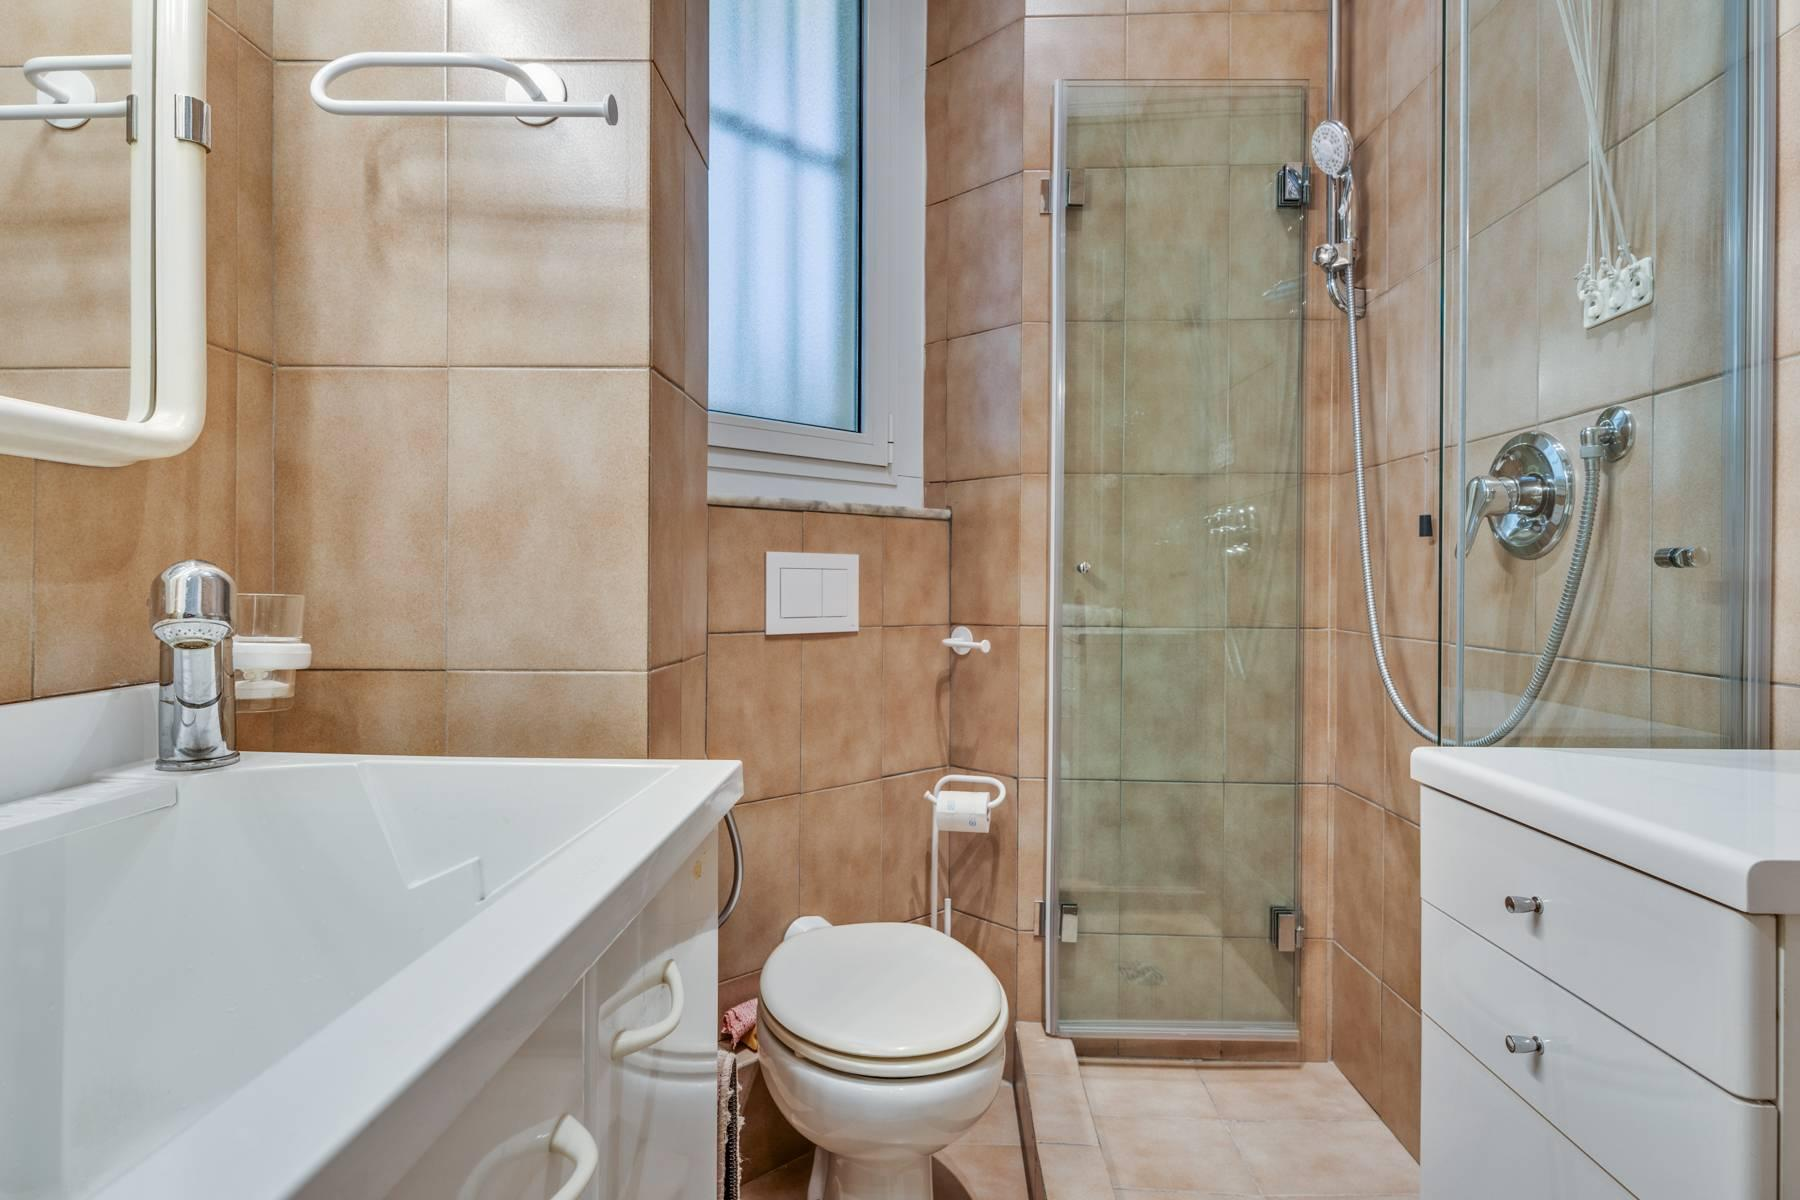 Elegante 275 qm Wohnung im antiken Palast in Carignano - 25